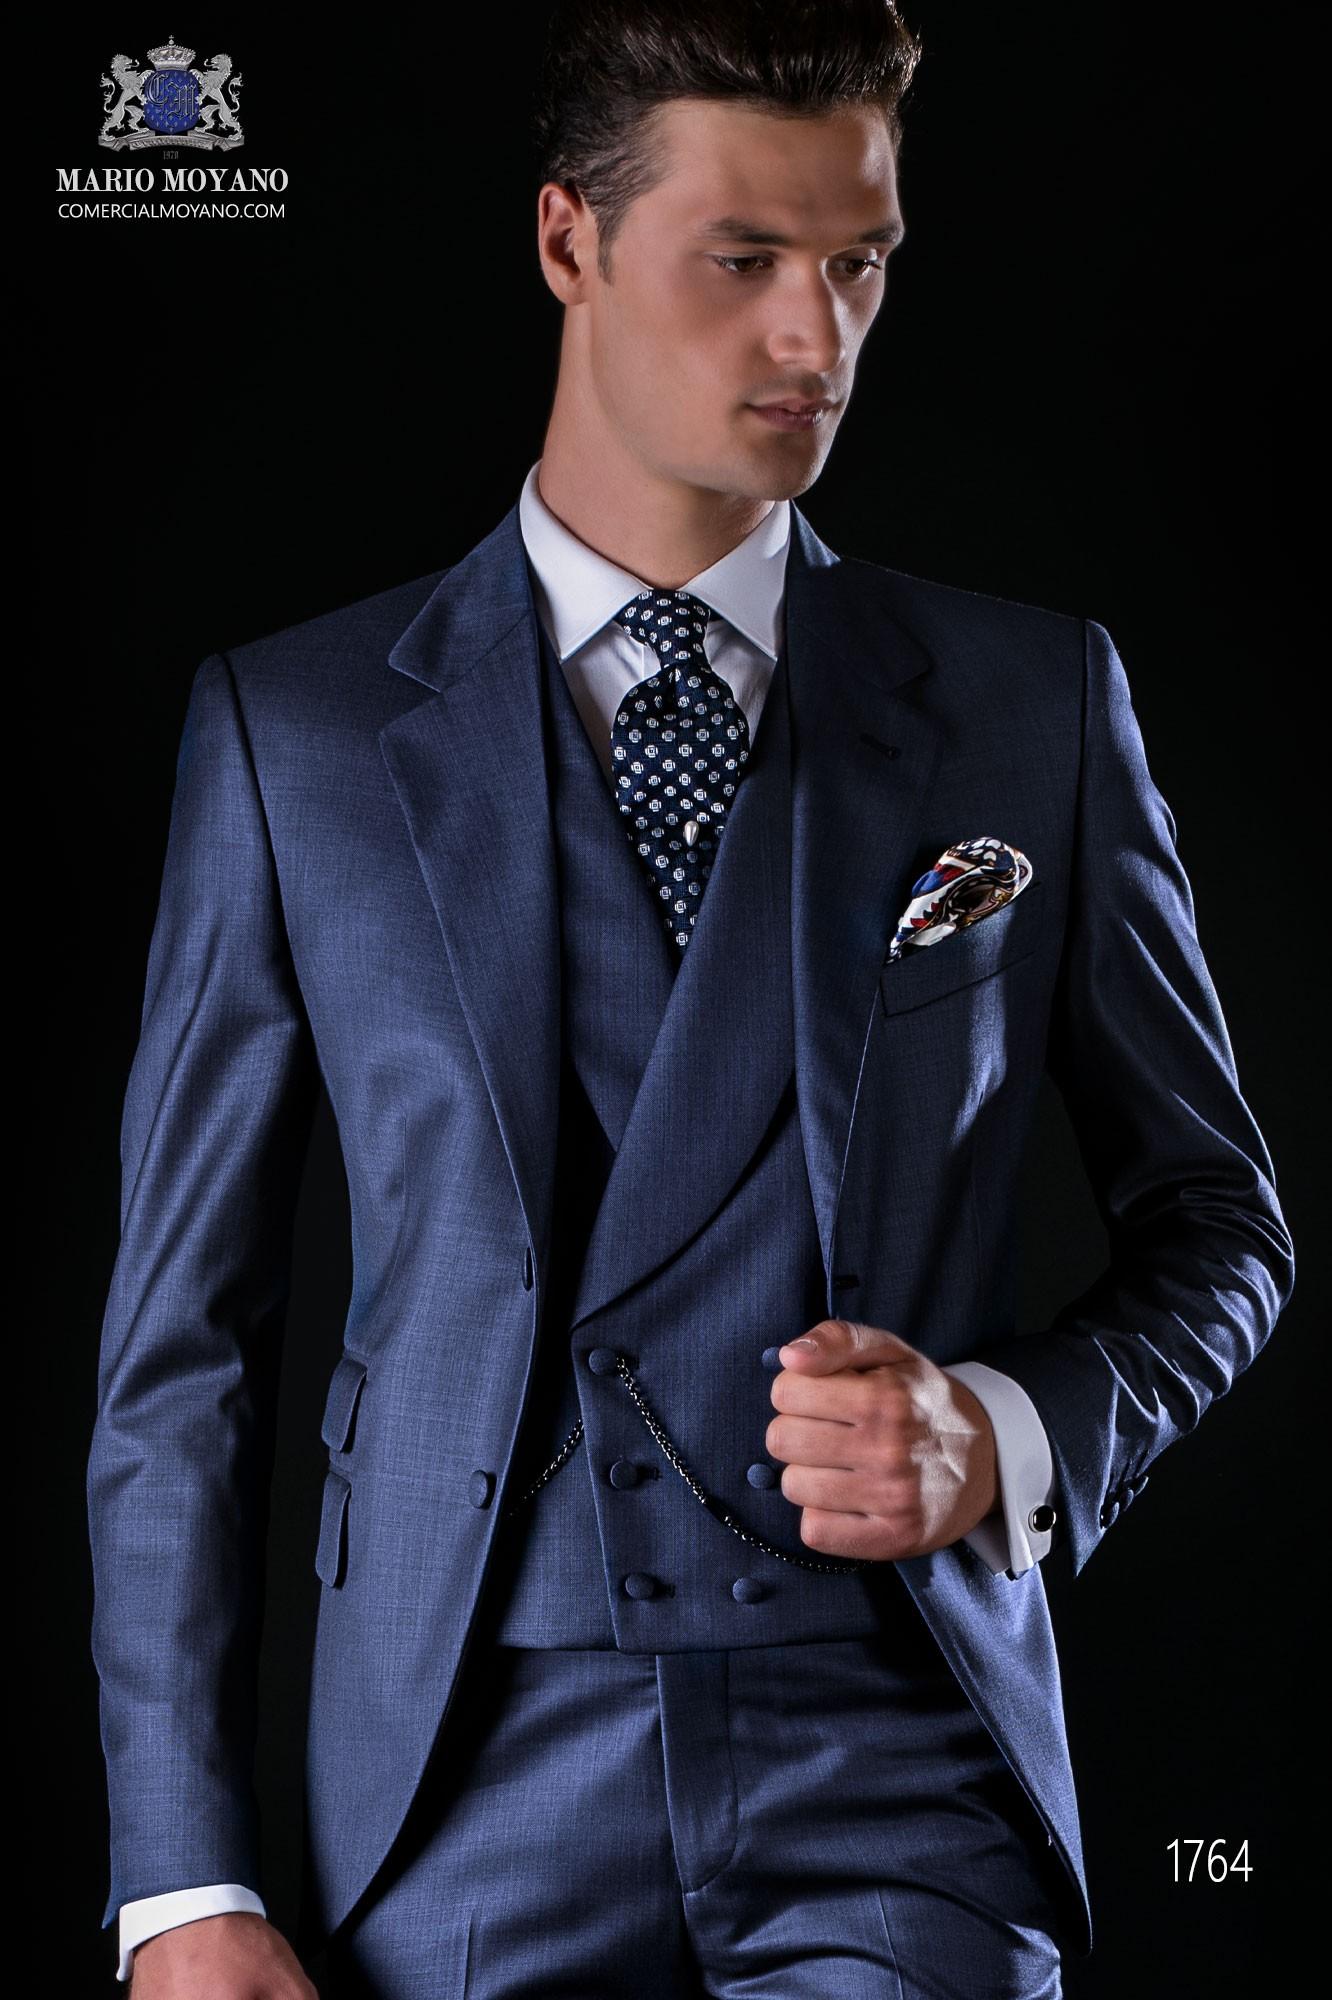 atemberaubend blauer anzug zu einer hochzeit zeitgen ssisch brautkleider ideen. Black Bedroom Furniture Sets. Home Design Ideas